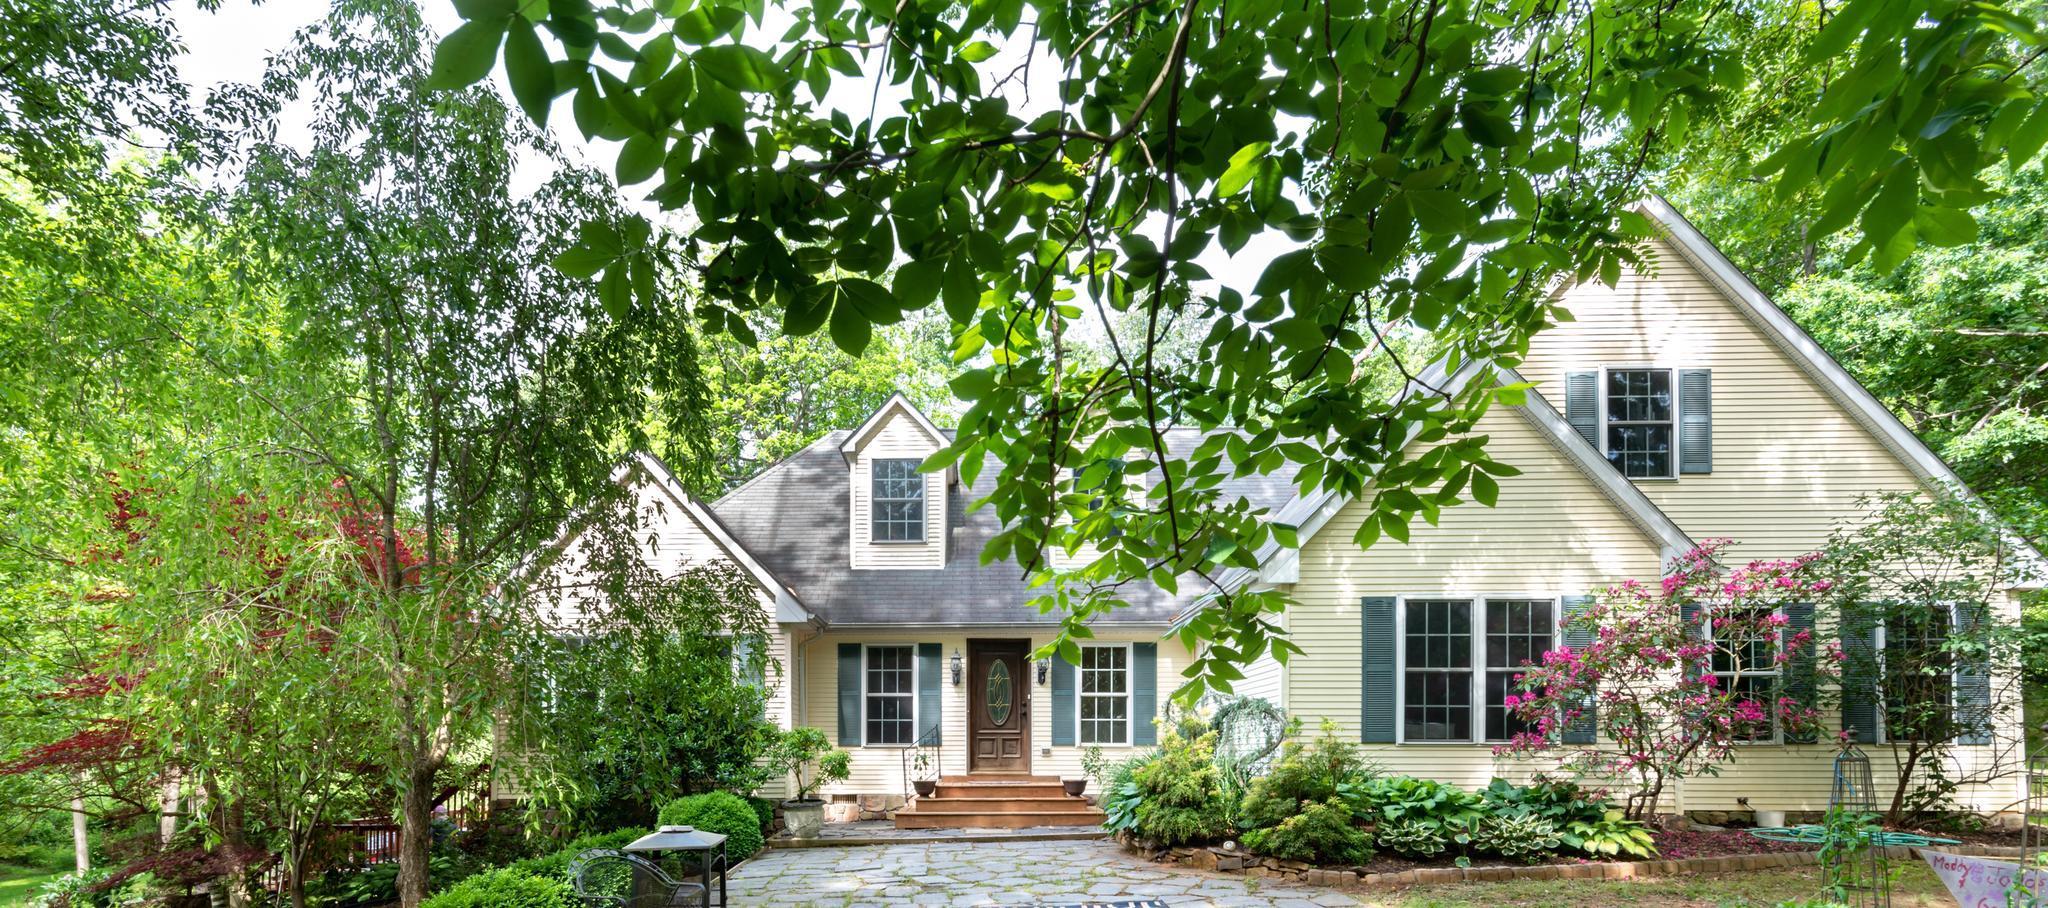 Single Family Homes для того Продажа на Delaplane, Виргиния 20144 Соединенные Штаты